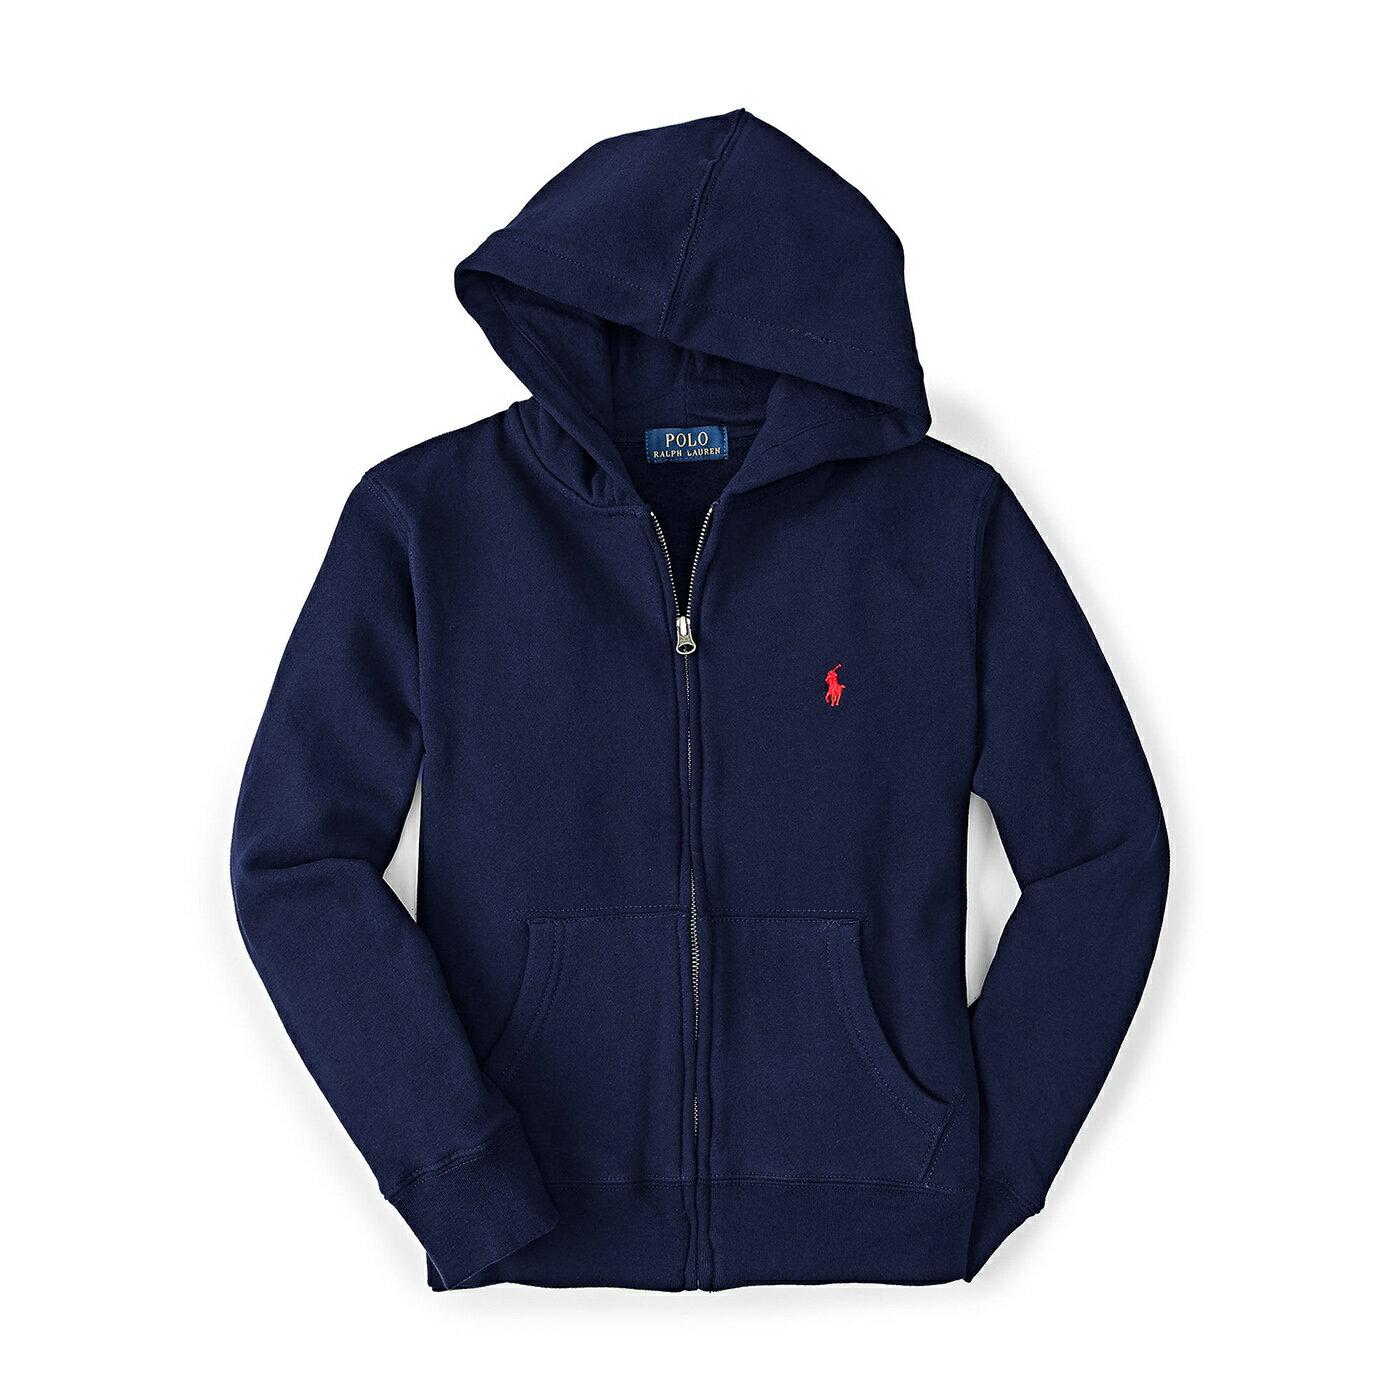 美國百分百【Ralph Lauren】RL 外套 男款 連帽 夾克 棉質 帽T 深藍 上衣 POLO XS S號 B038